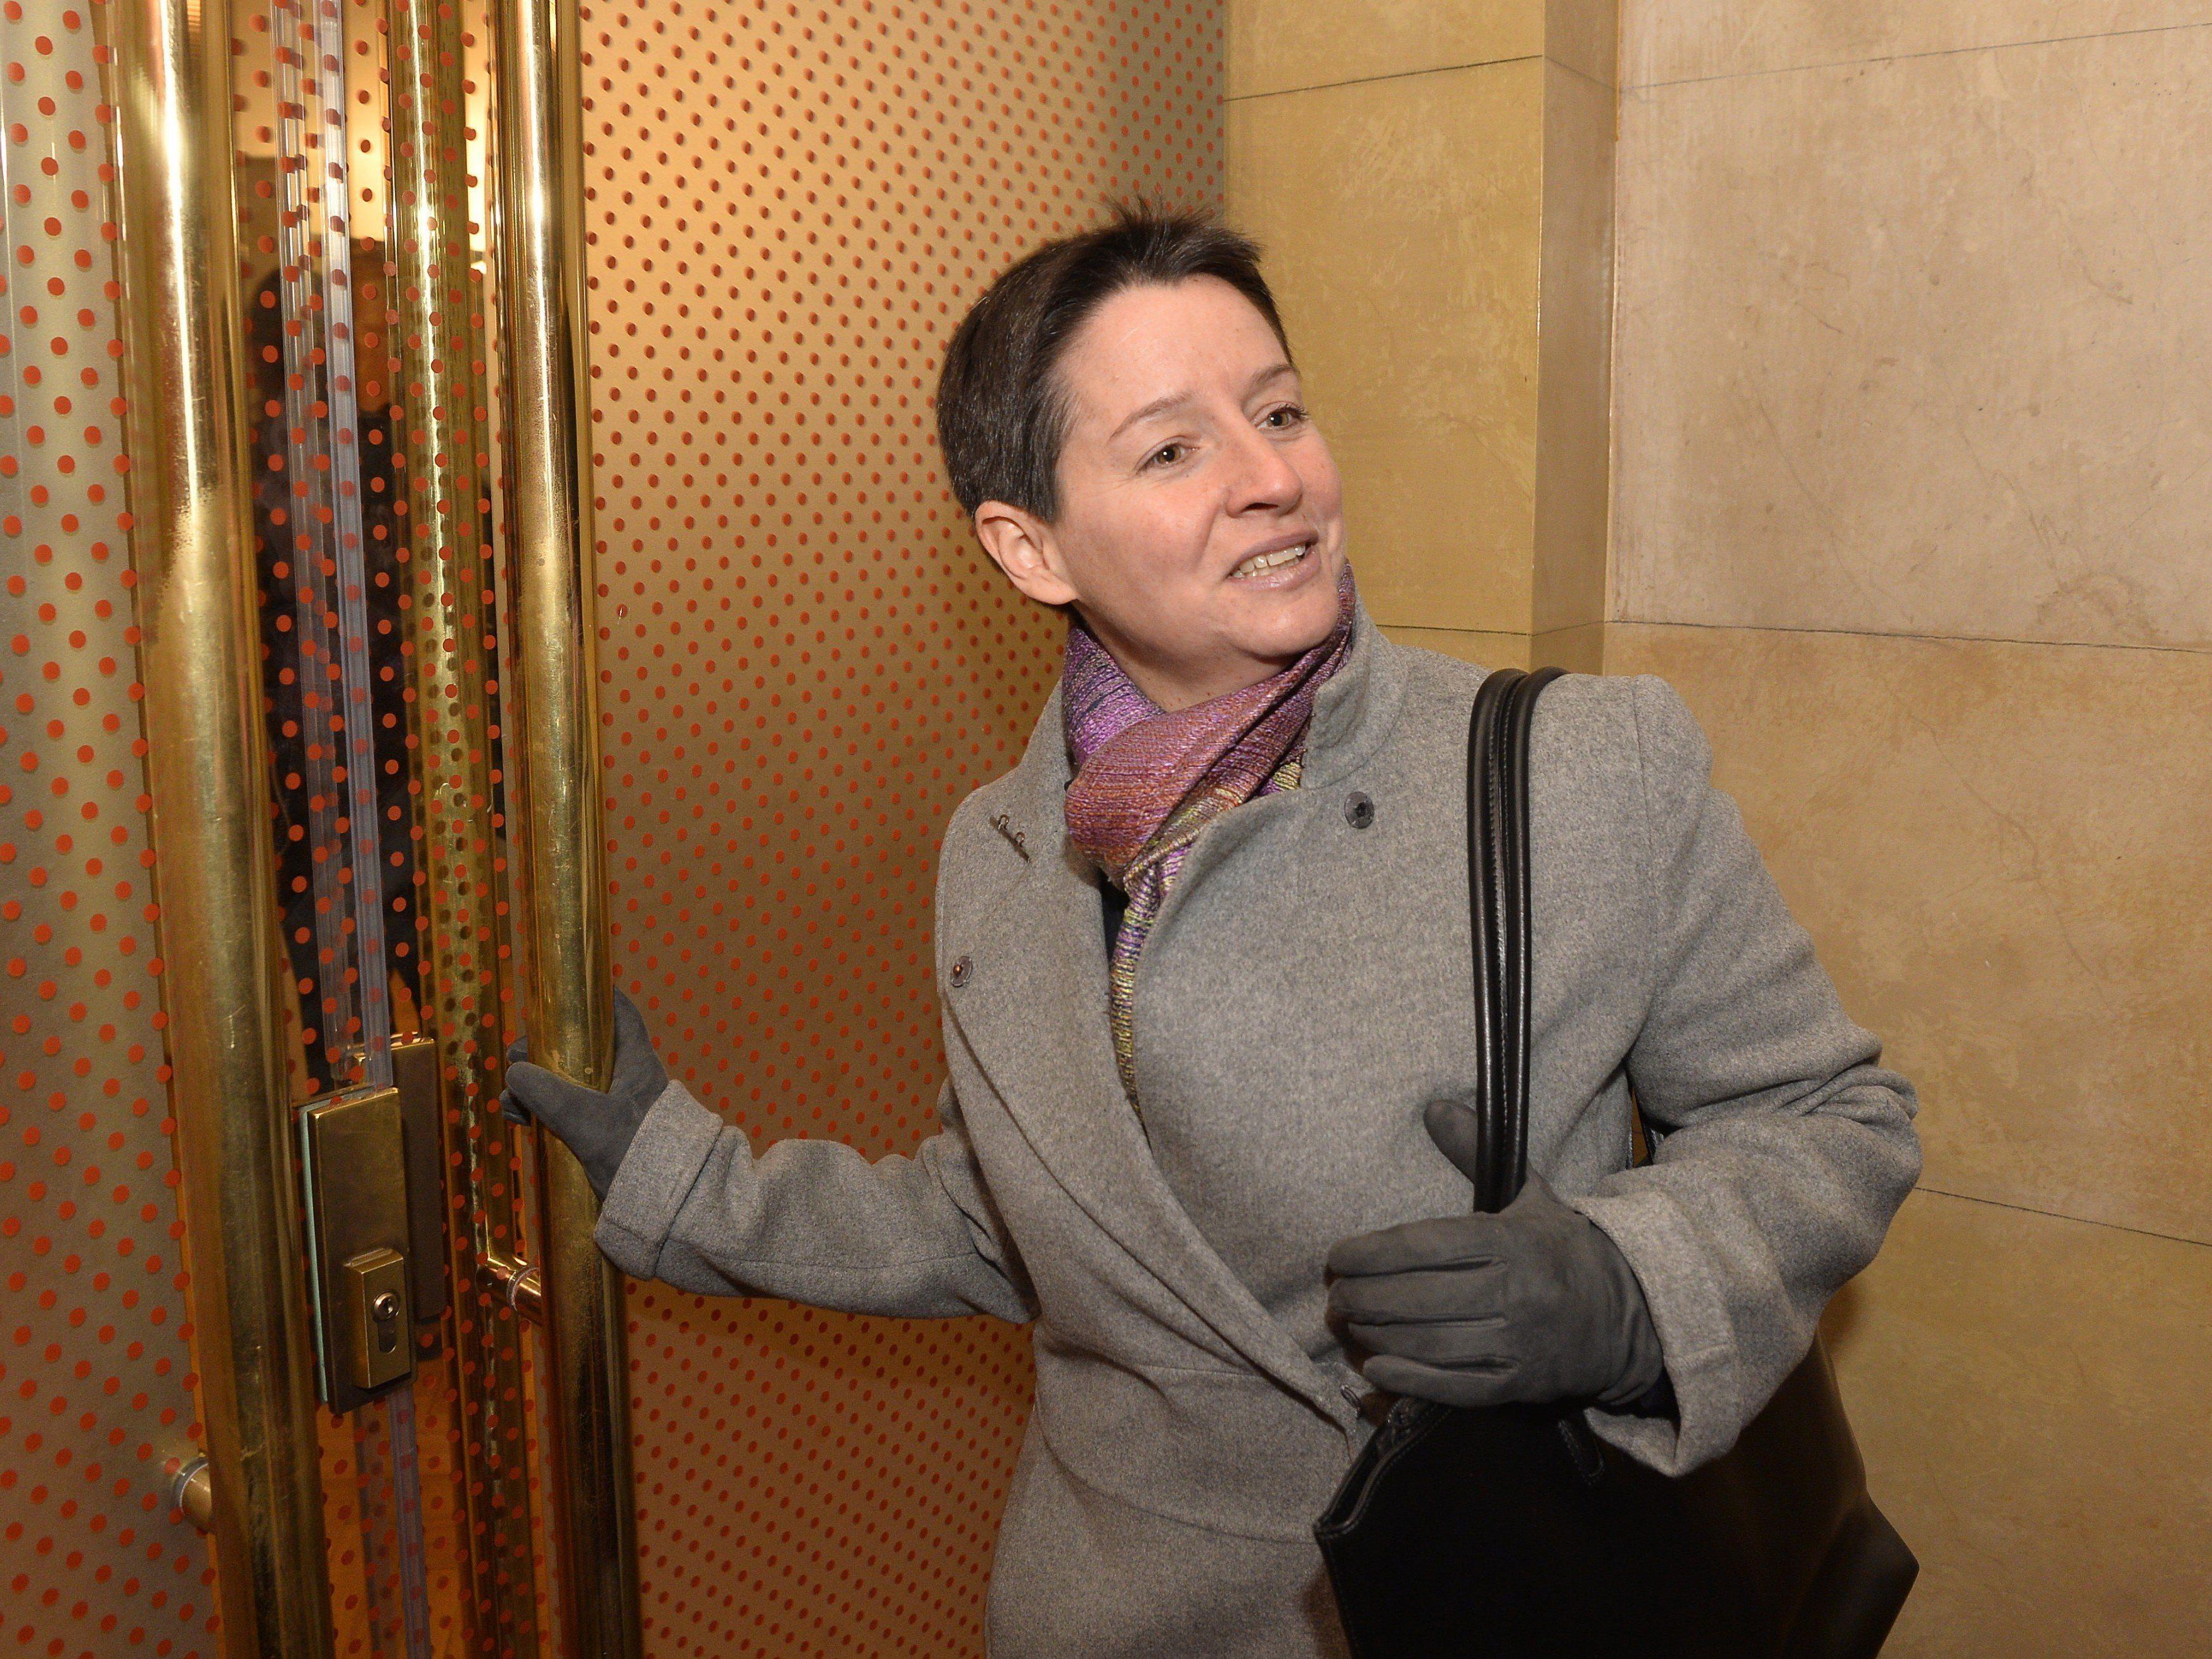 Sonja Wehsely kehrt der Politik den Rücken.